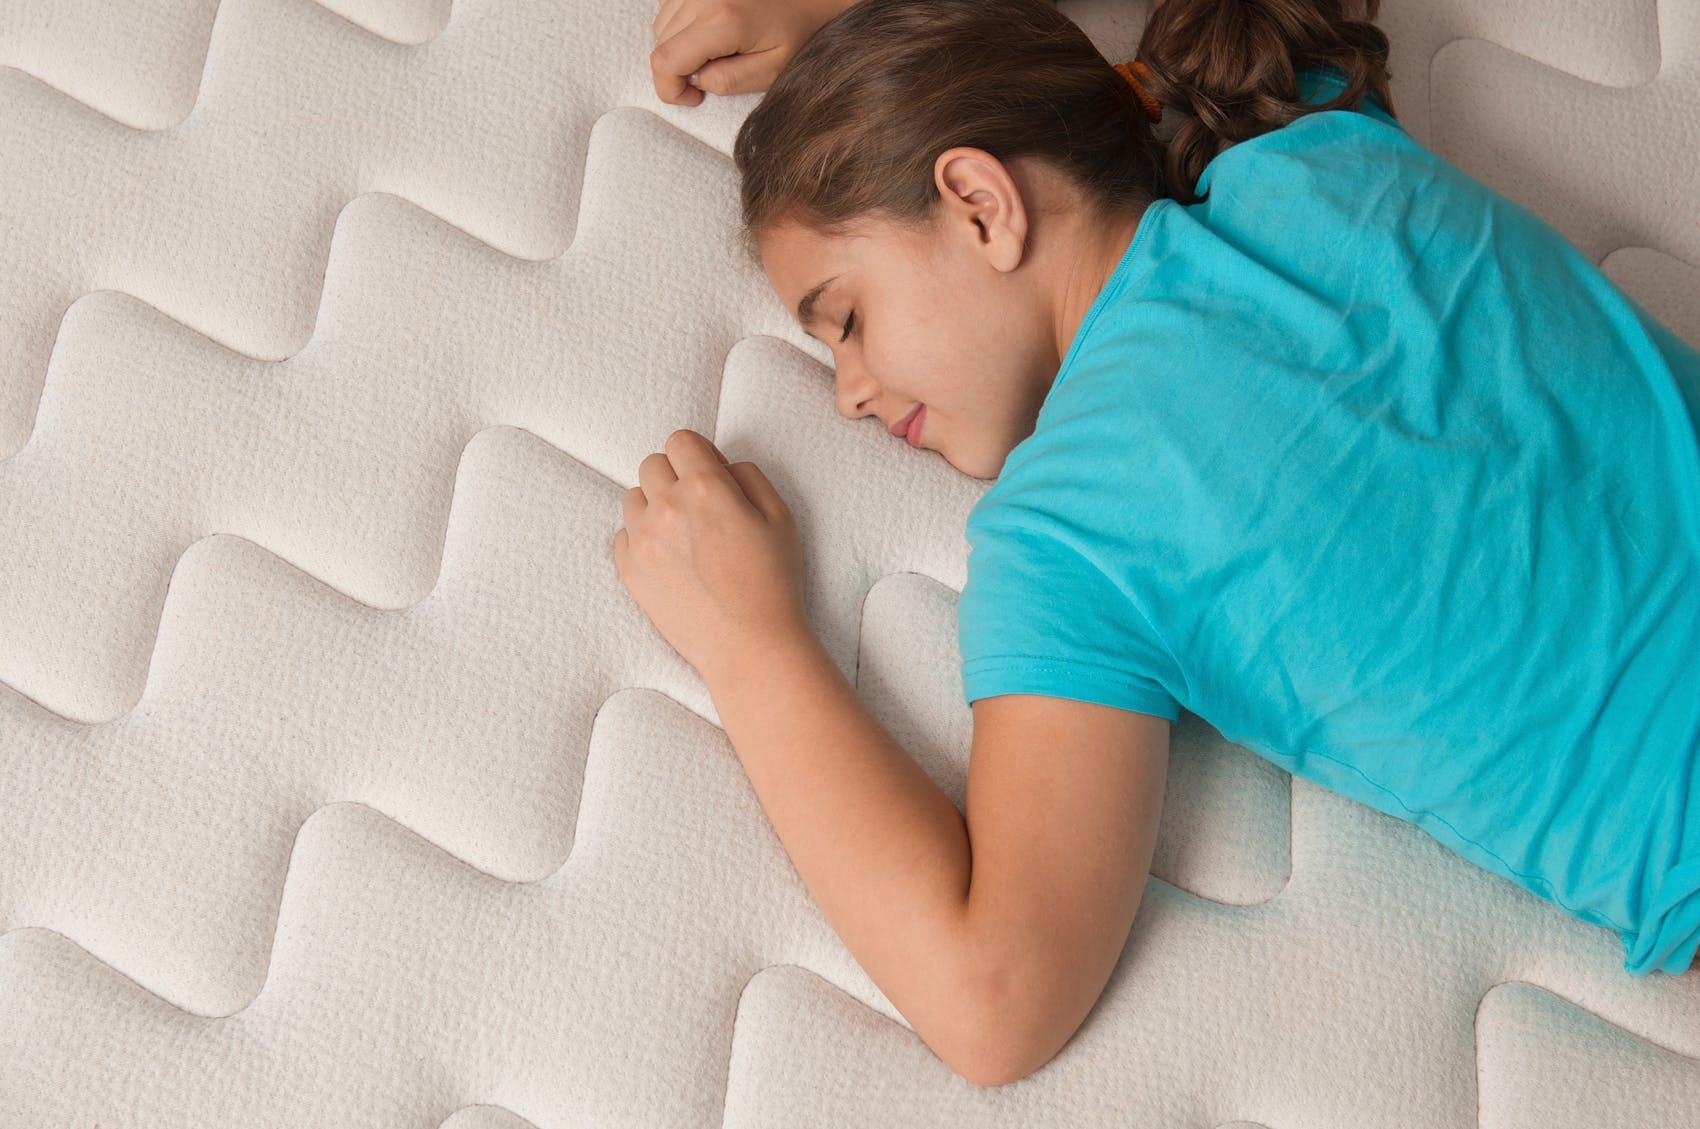 Bien Choisir Sa Literie quel matelas pour bien dormir ? | santé magazine